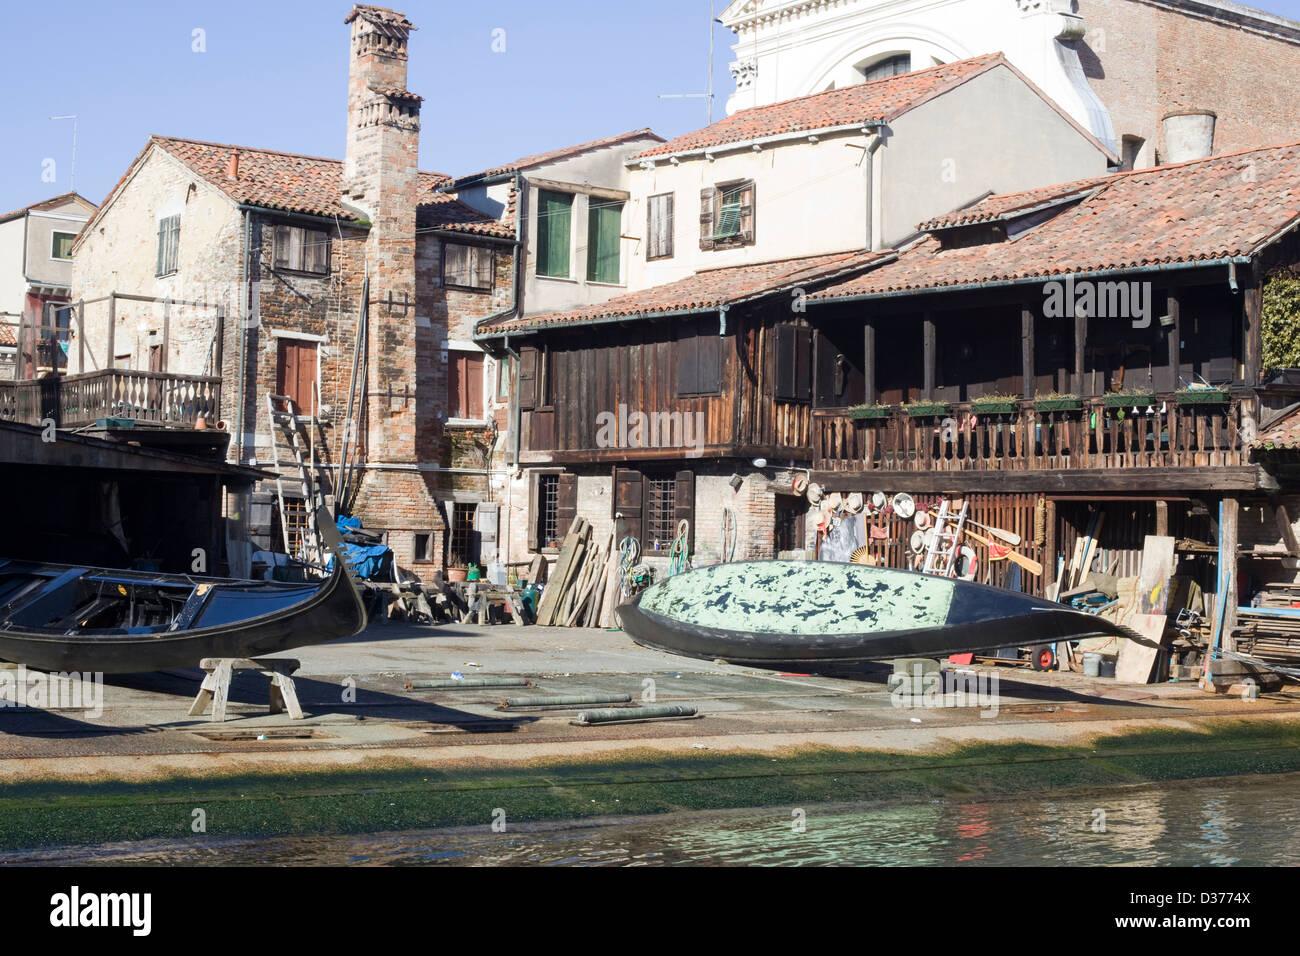 La petite rue au large des canaux le Grand Canal à Venise Italie Photo Stock